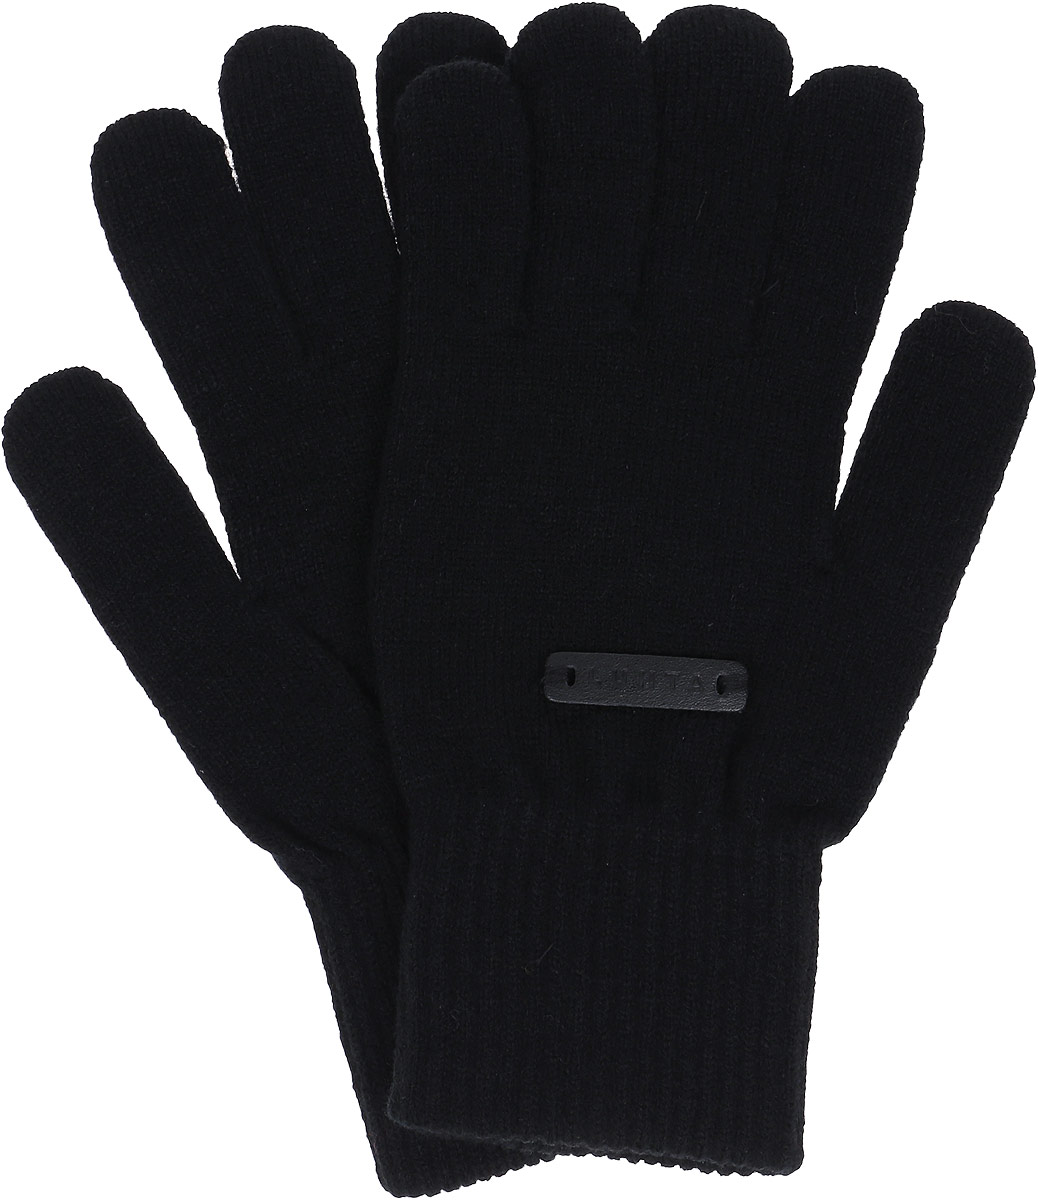 Перчатки мужские Luhta, цвет: черный. 838665618LV-990. Размер L (8/8,5)838665618LV-990